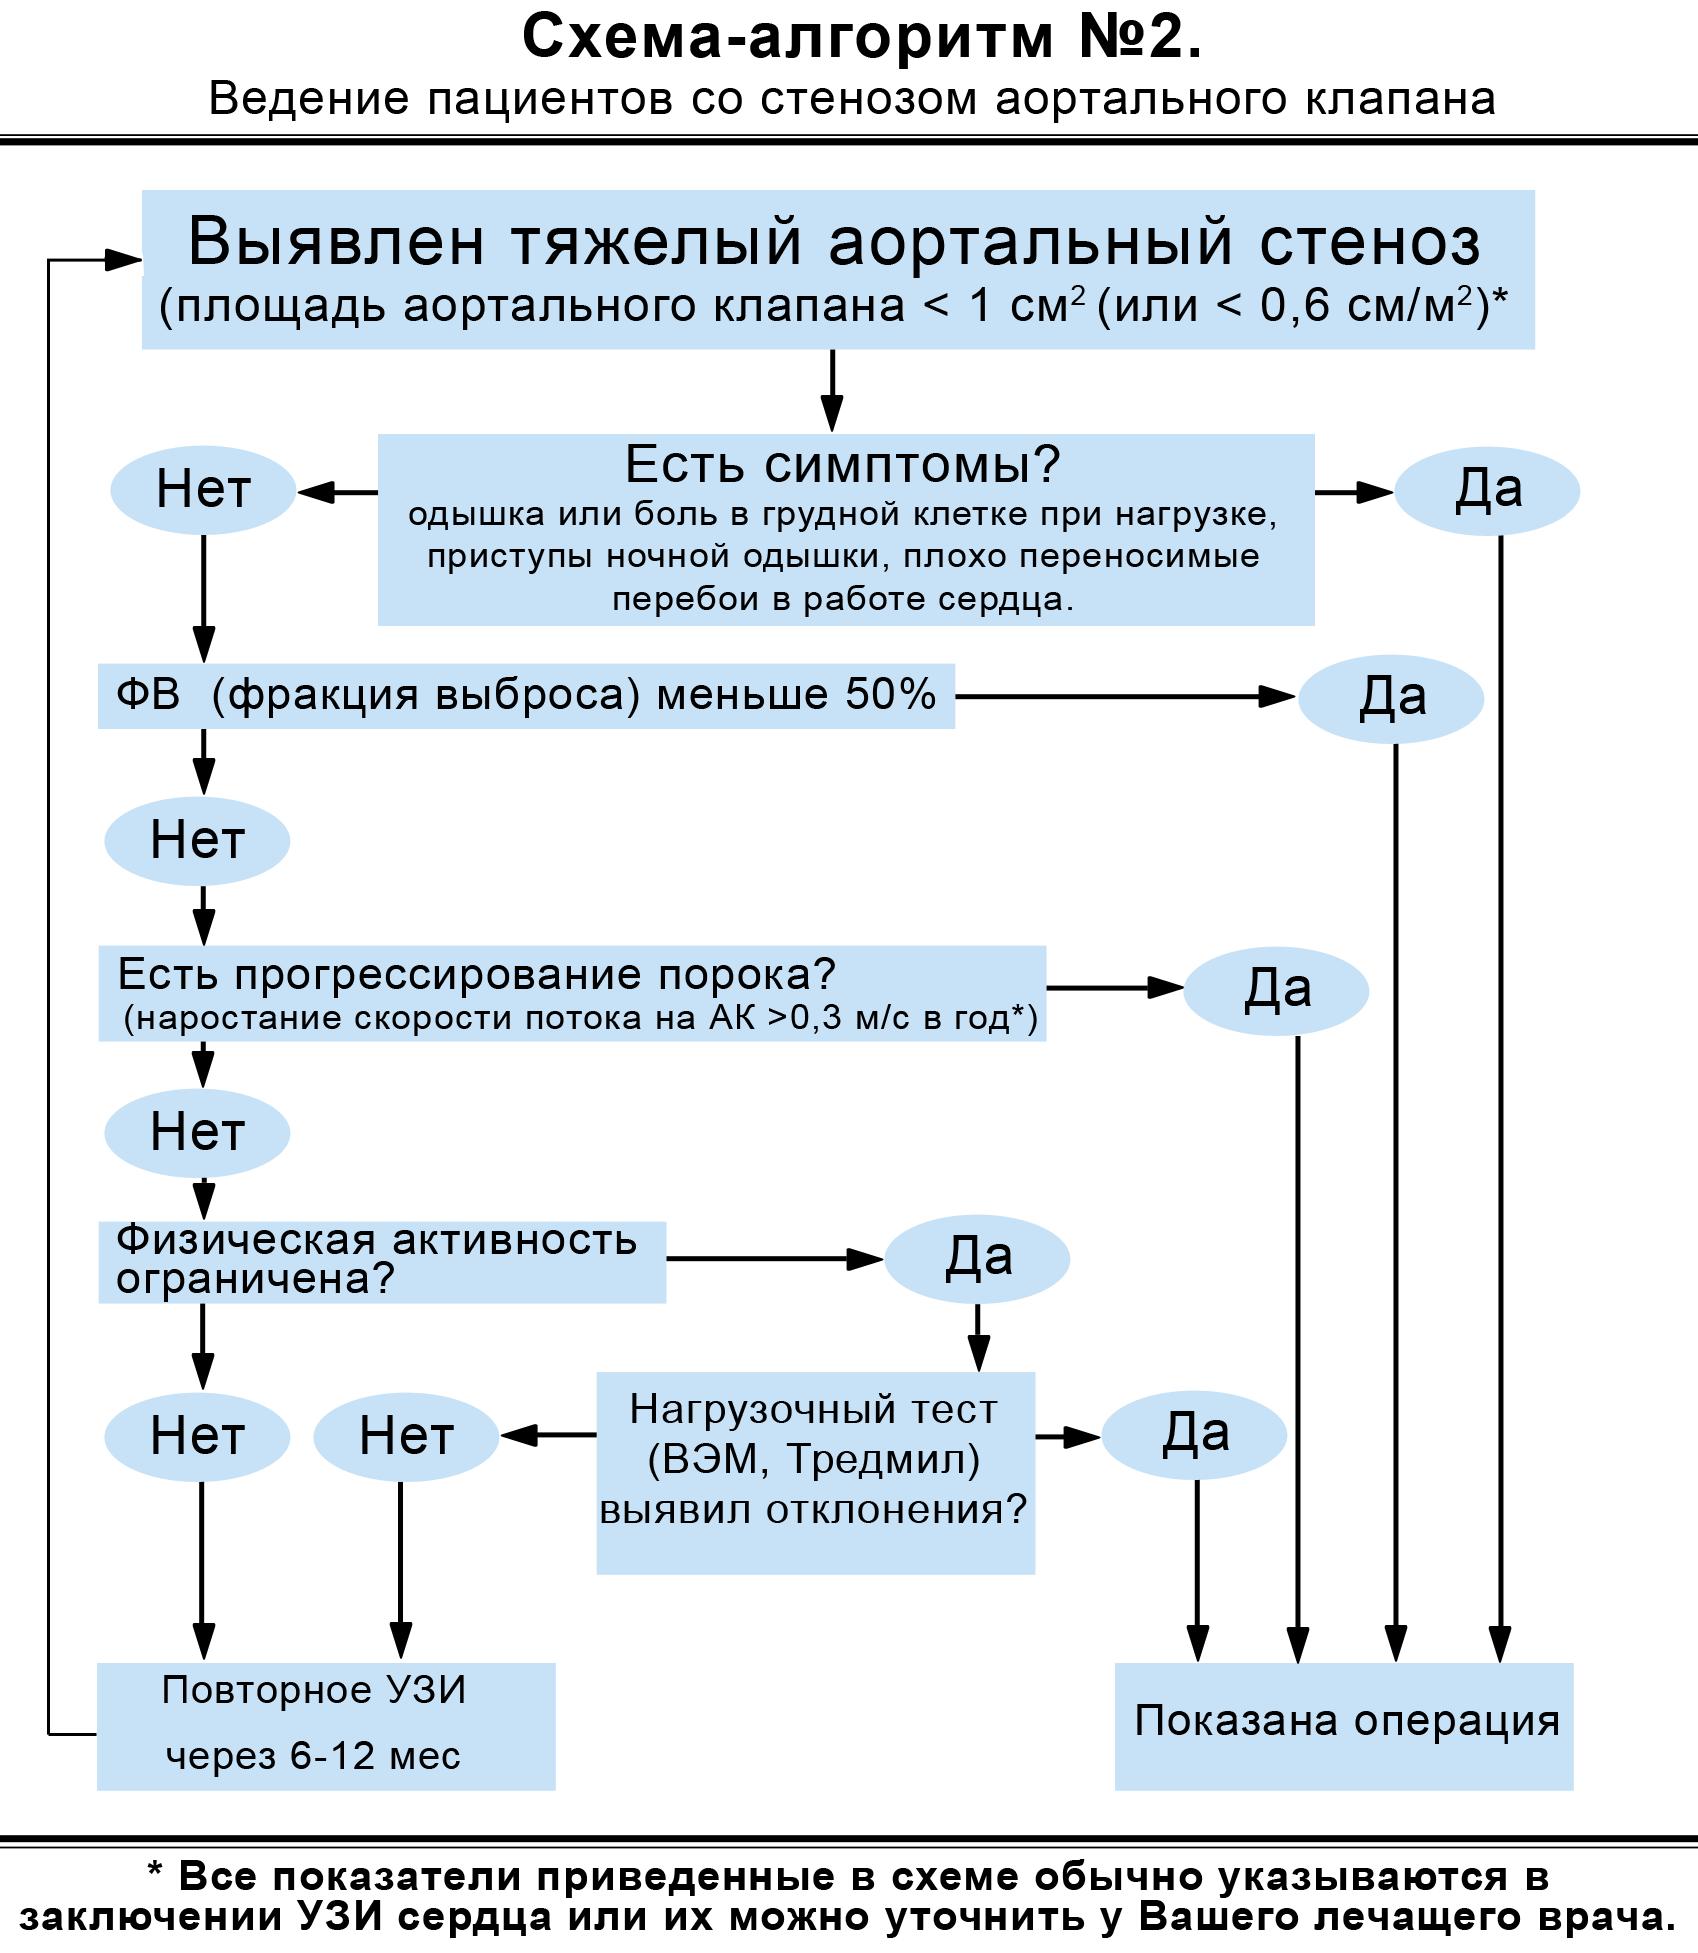 Ведение пациентов со стенозом аортального клапана